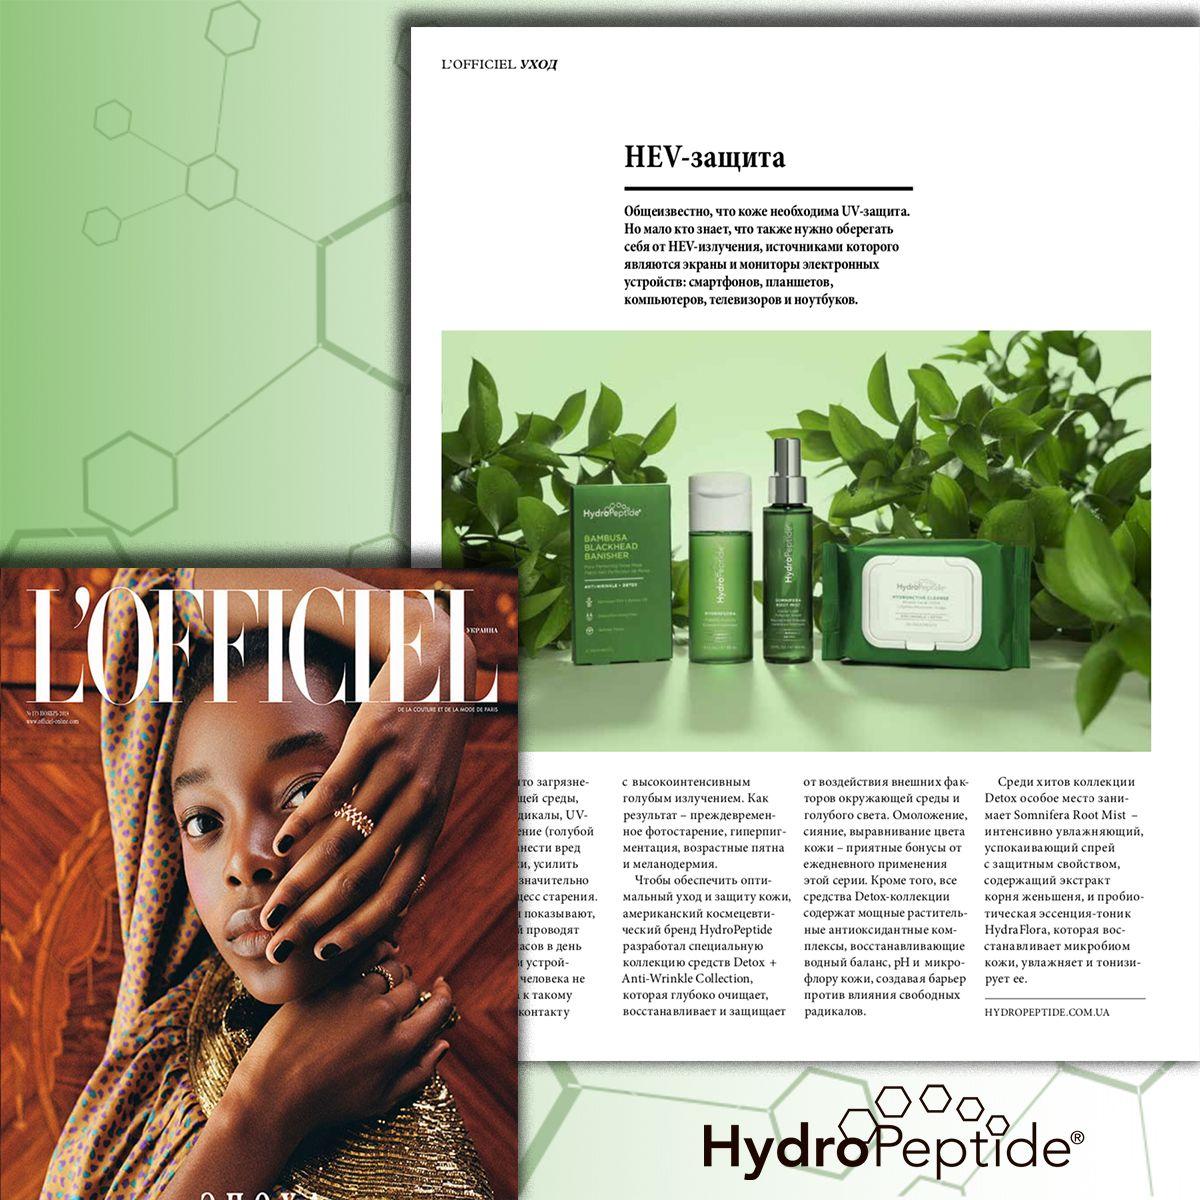 статья о HEV – защите кожи.